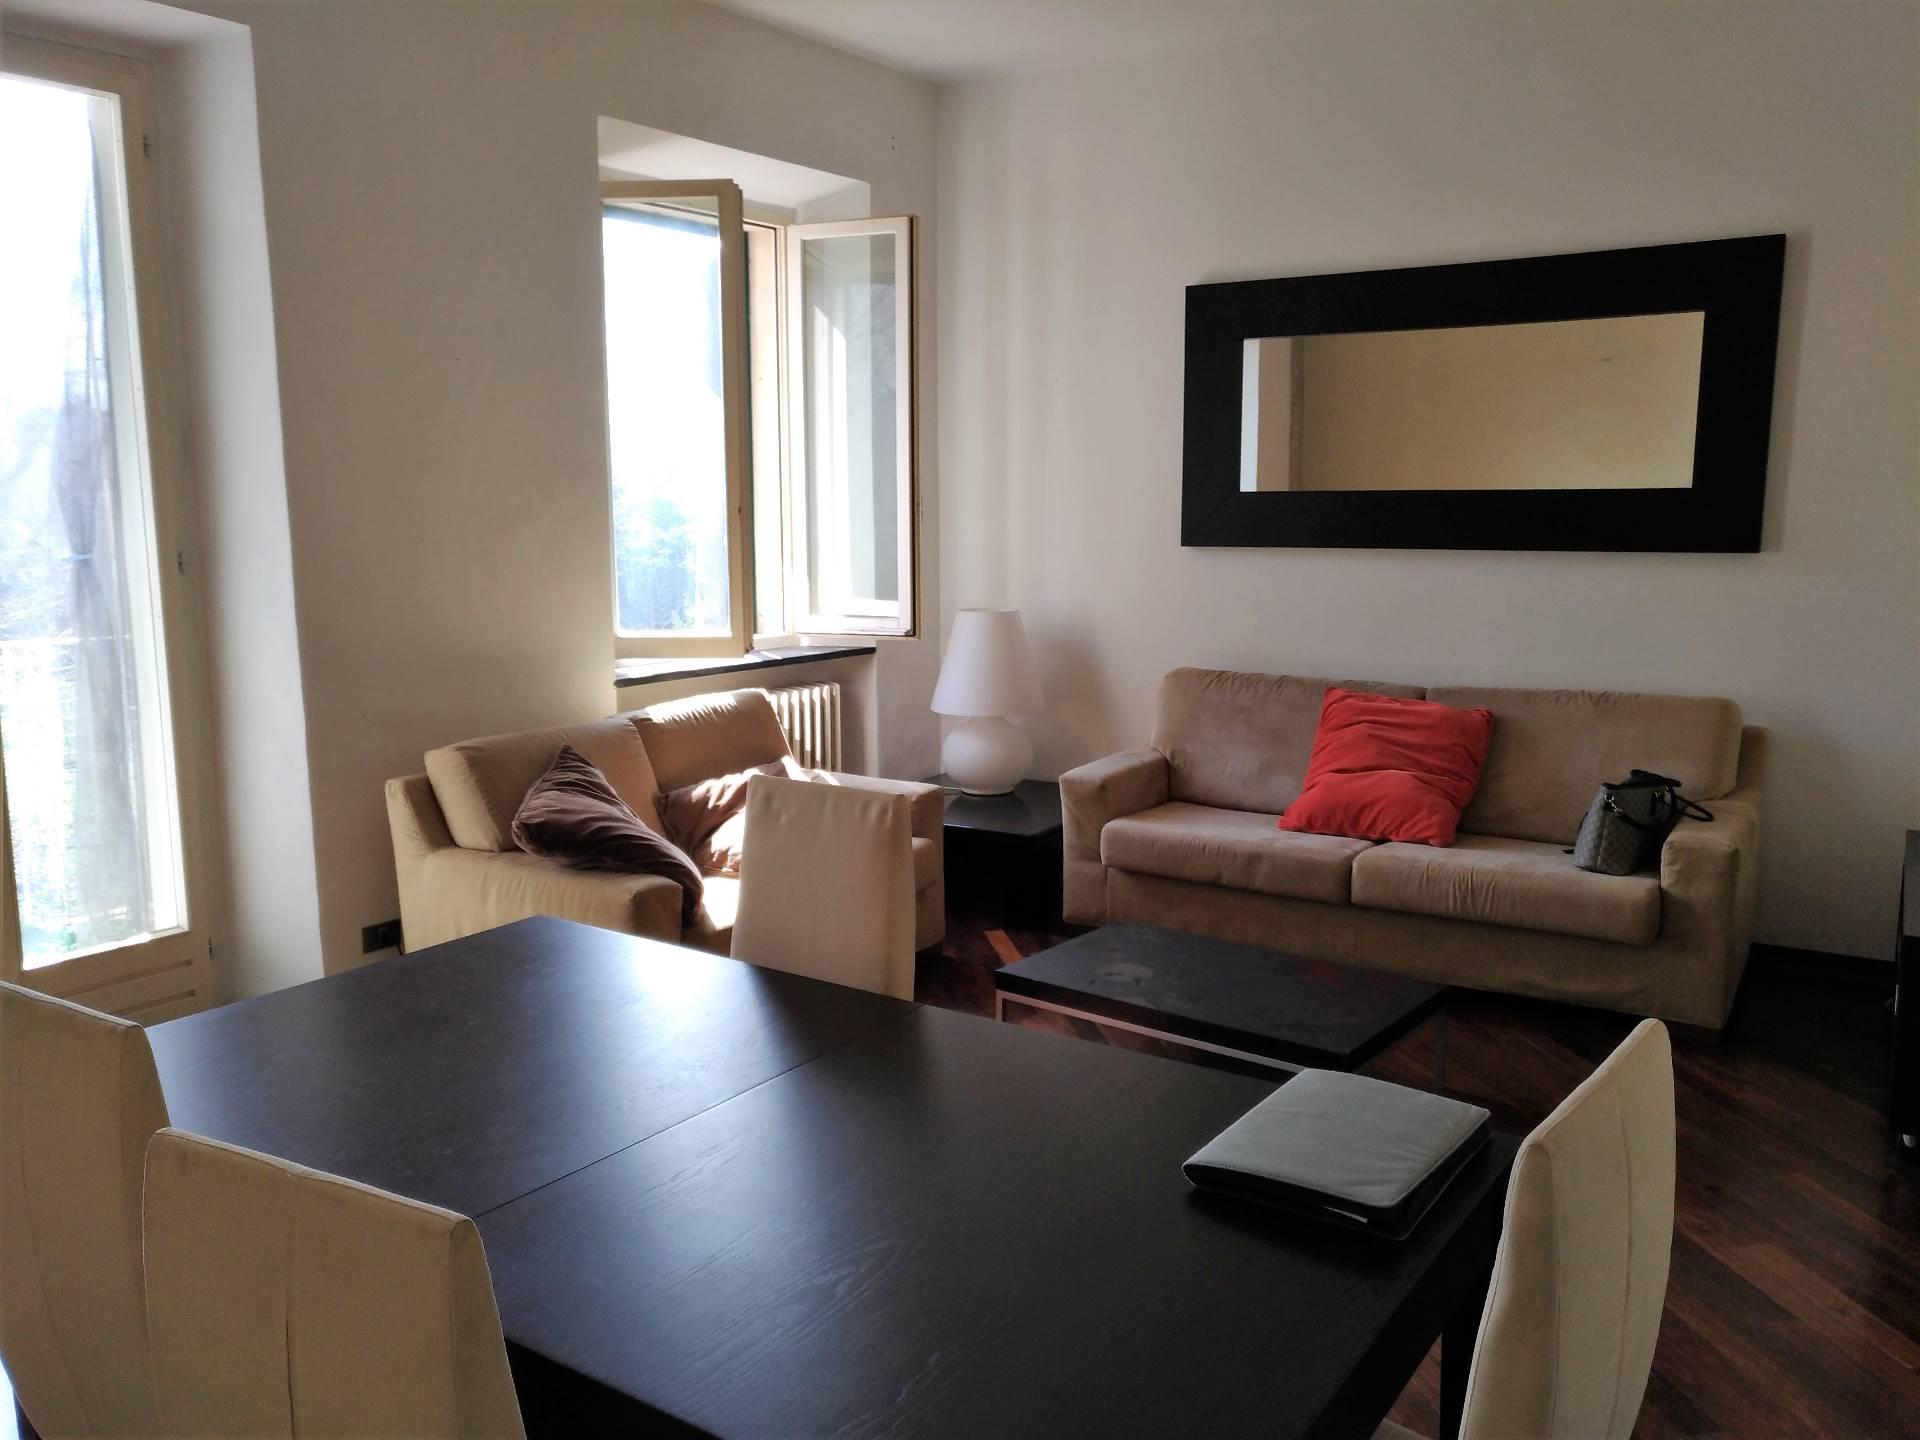 Appartamento in affitto a Ancona, 4 locali, zona Zona: Centro, prezzo € 580 | Cambio Casa.it